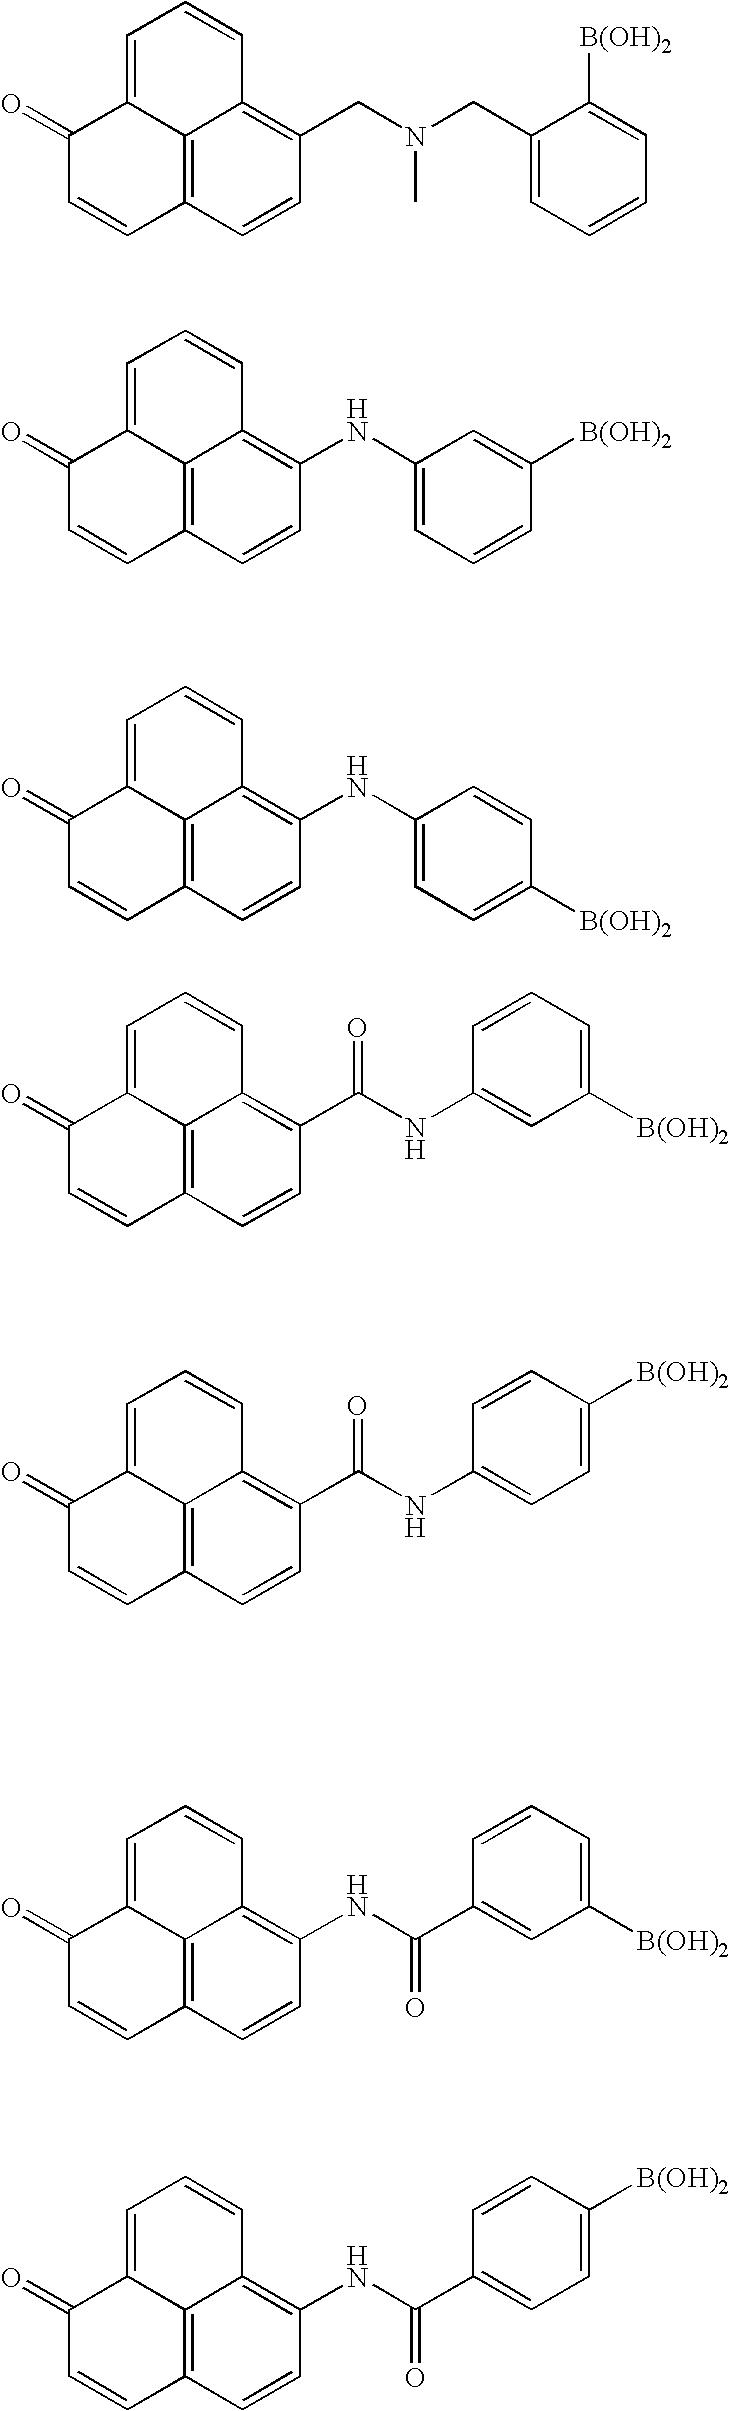 Figure US08008088-20110830-C00051